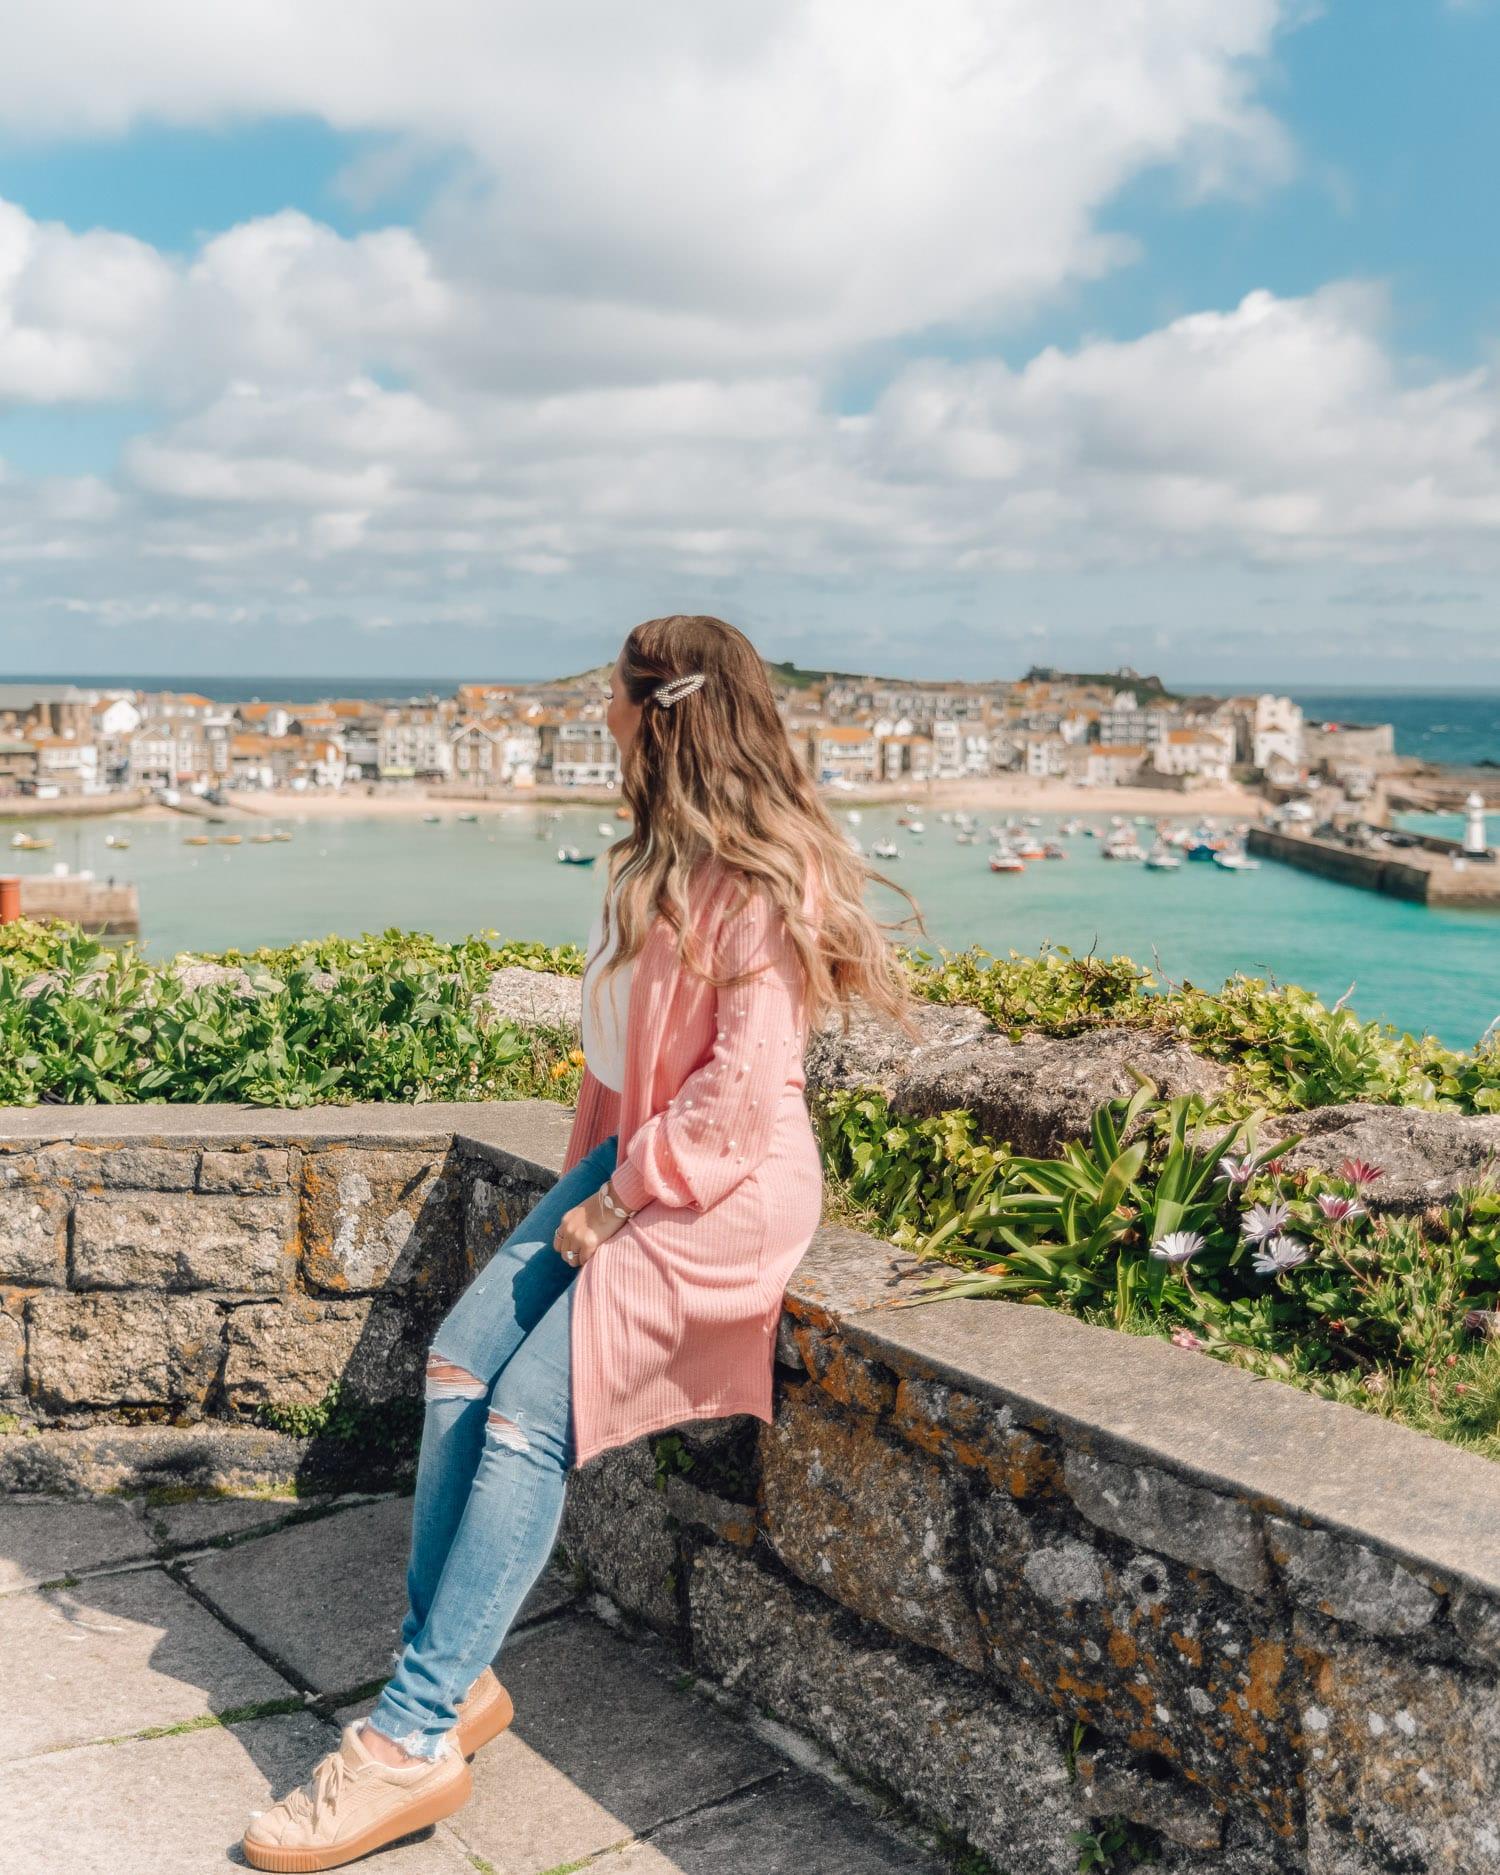 Vacker utsiktsplats för bilder i St. Ives i Cornwall, Storbritannien